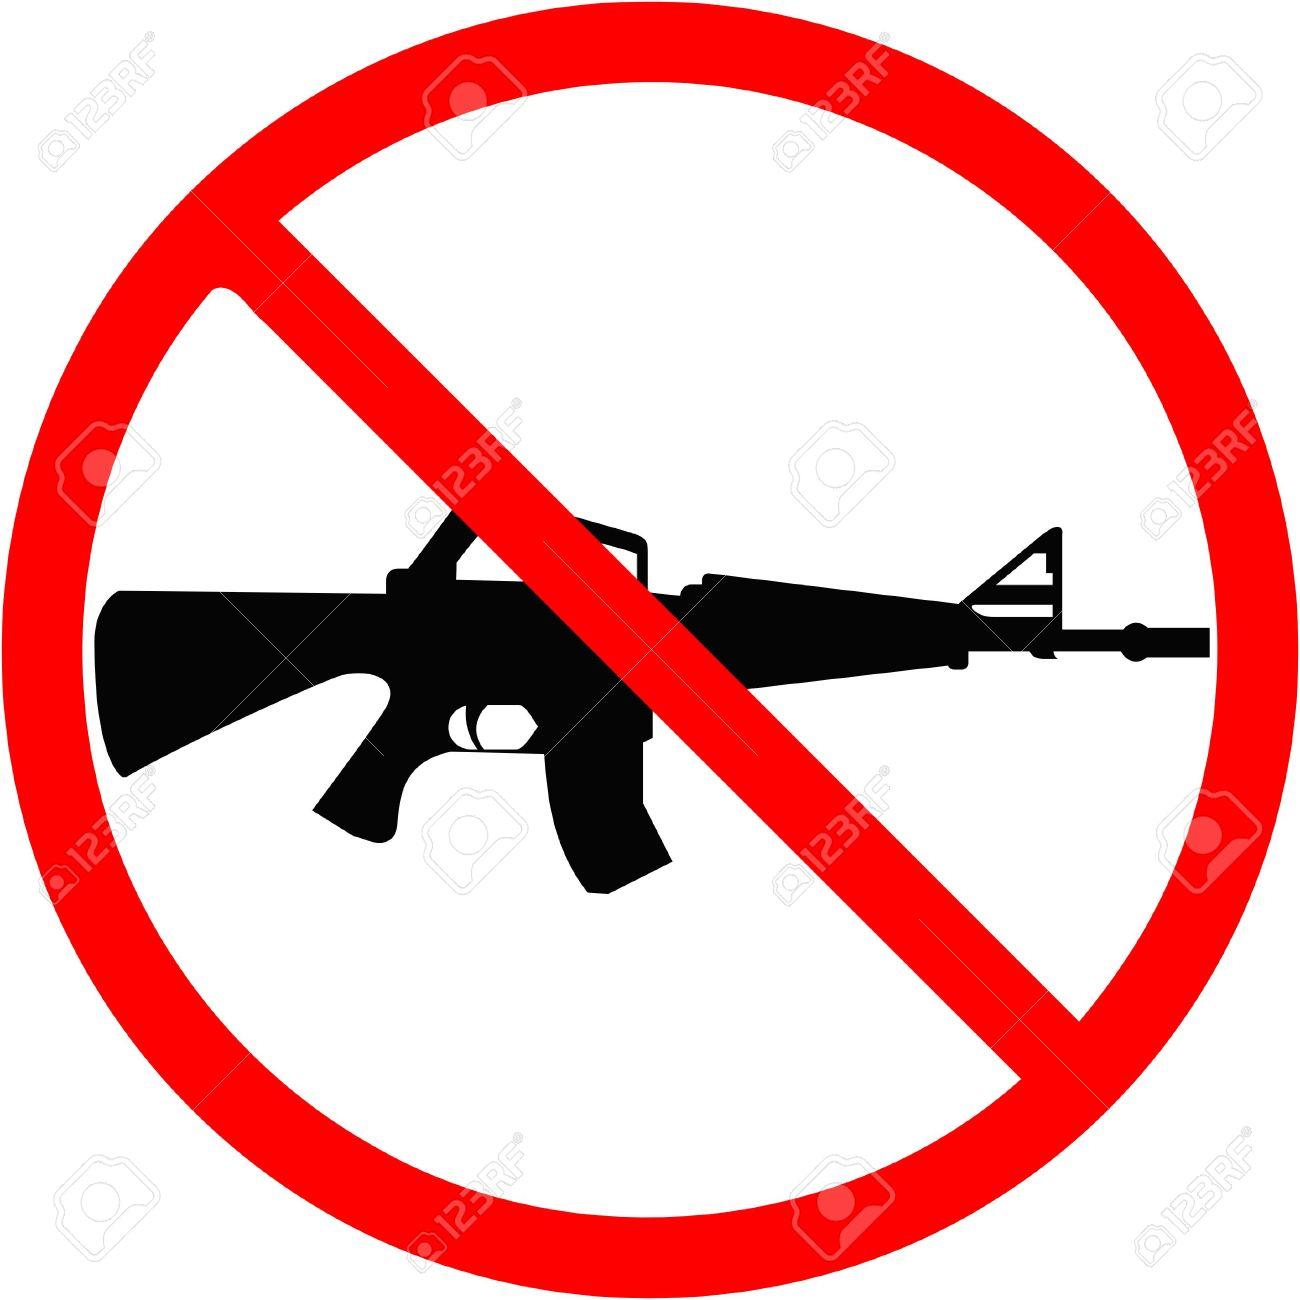 no guns royalty free cliparts vectors and stock illustration